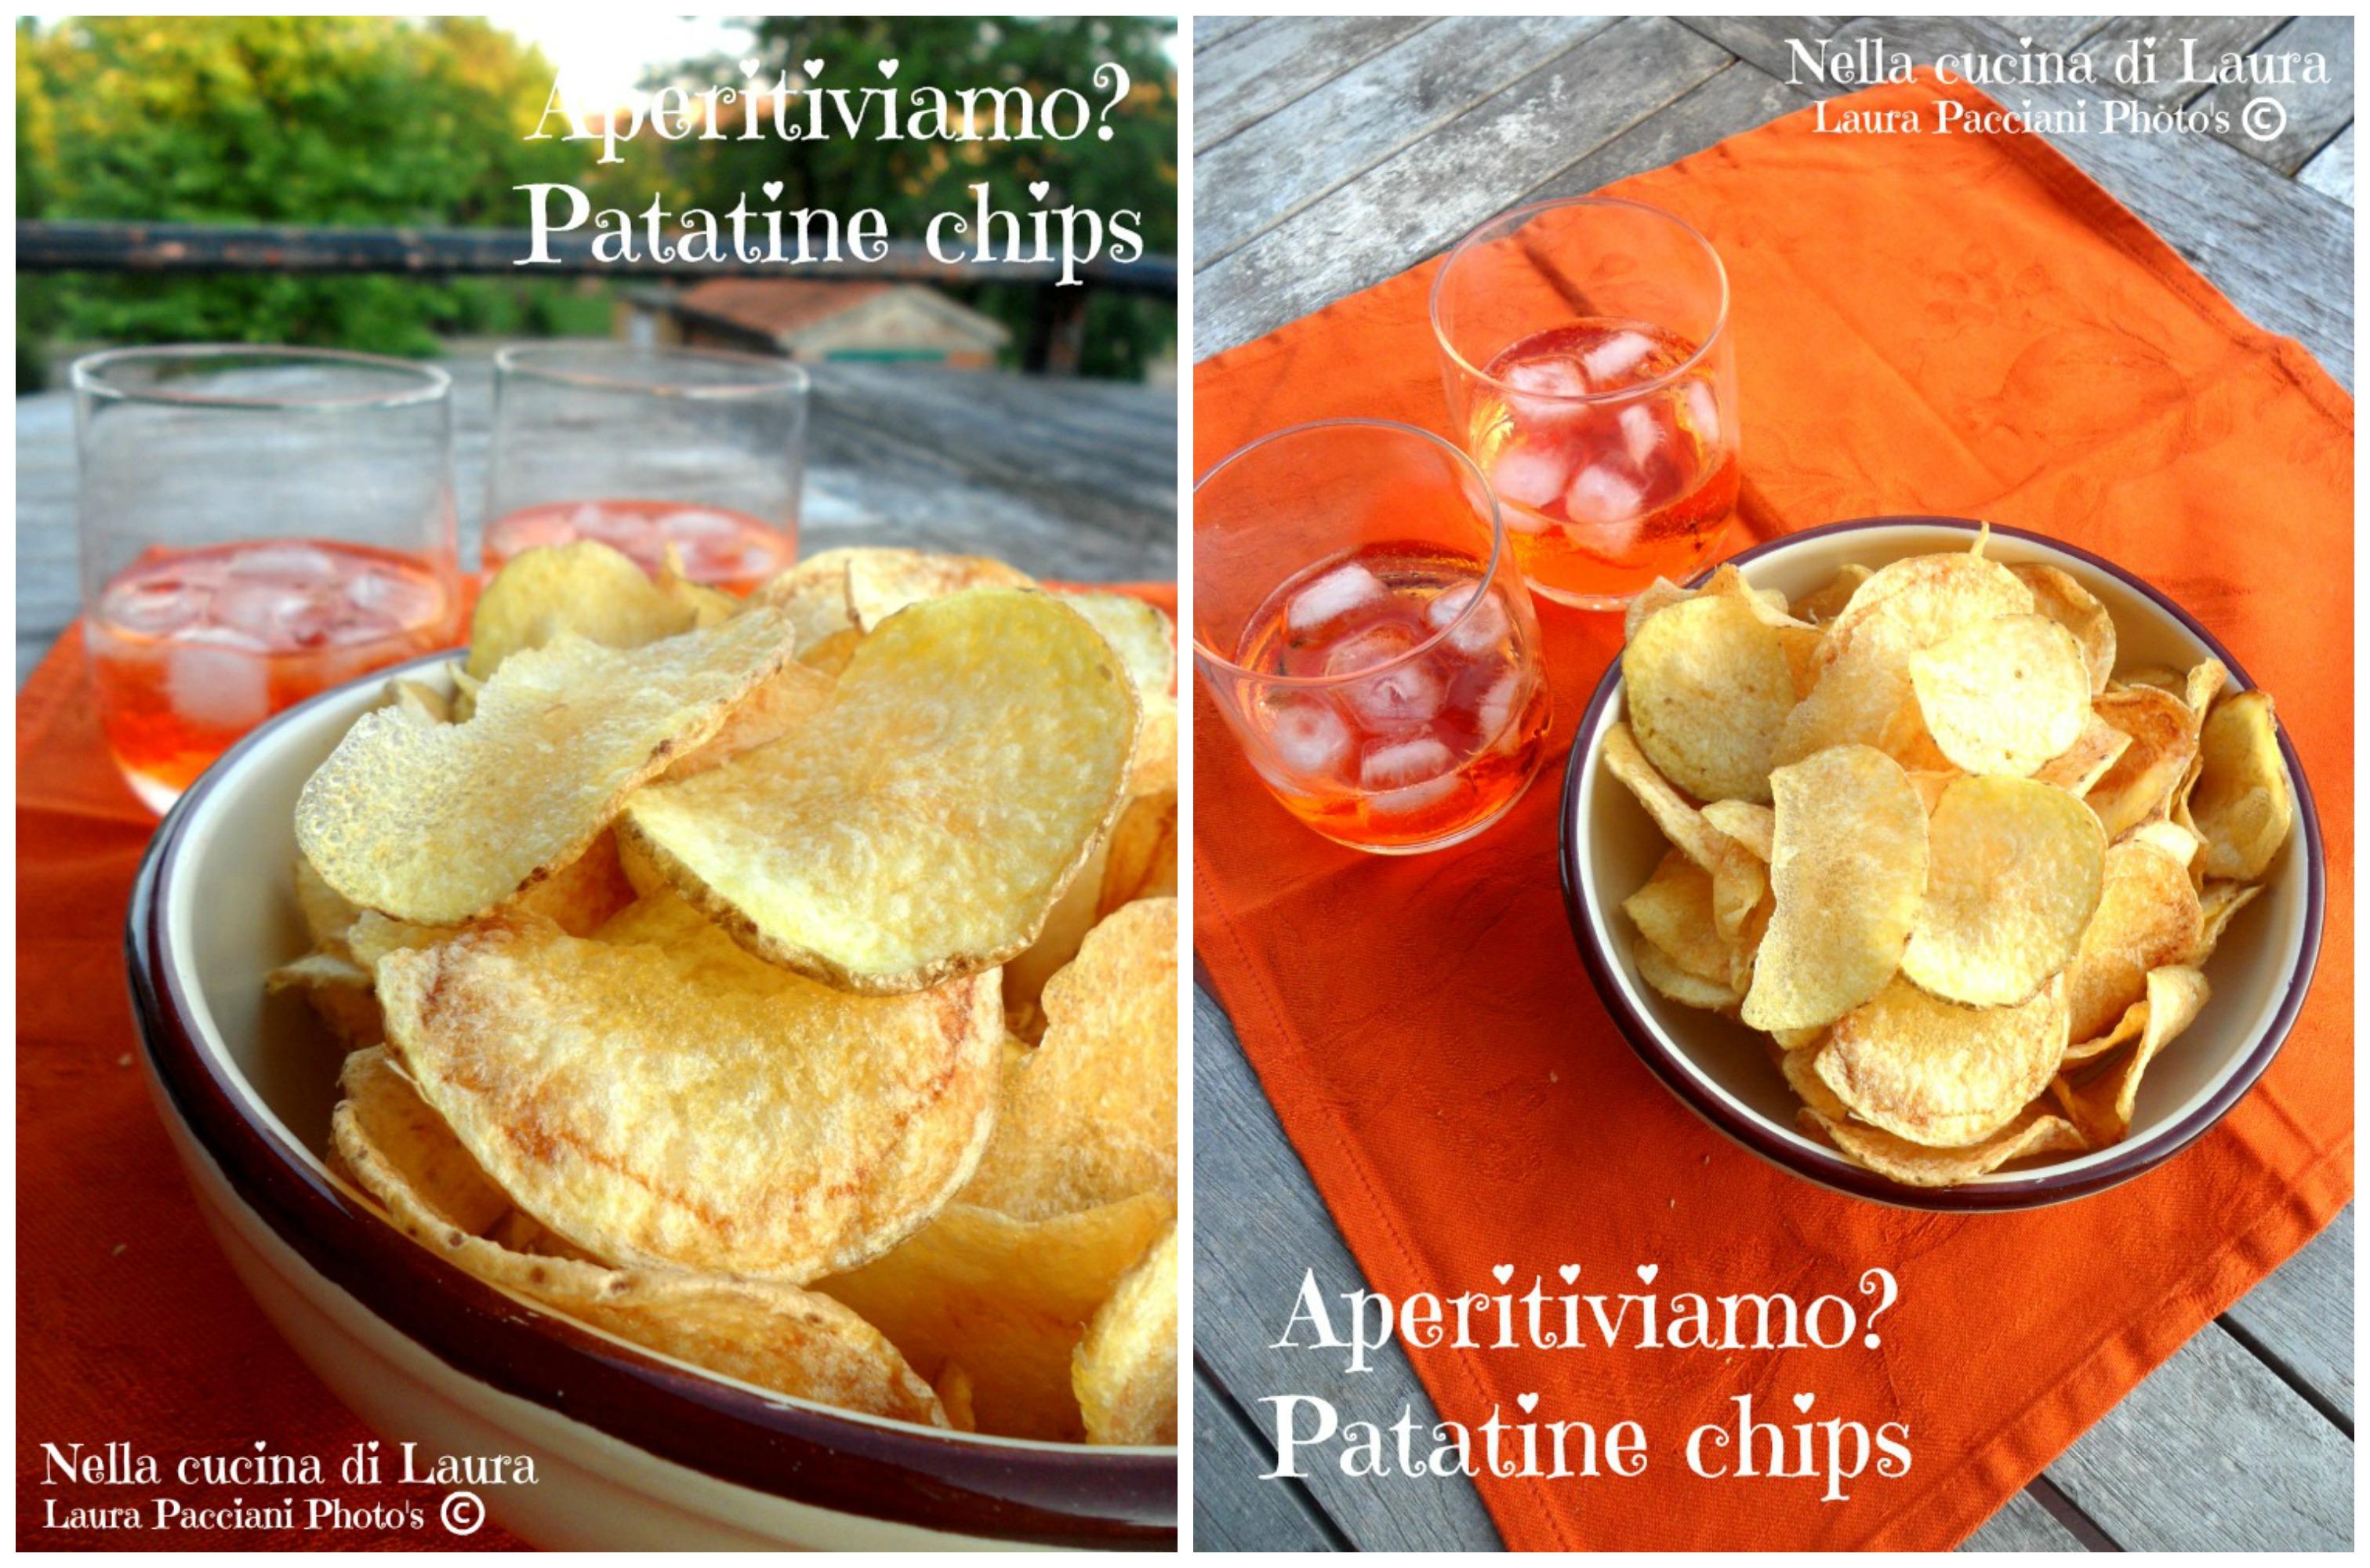 aperitiviamo? patatine chips - nella cucina di laura